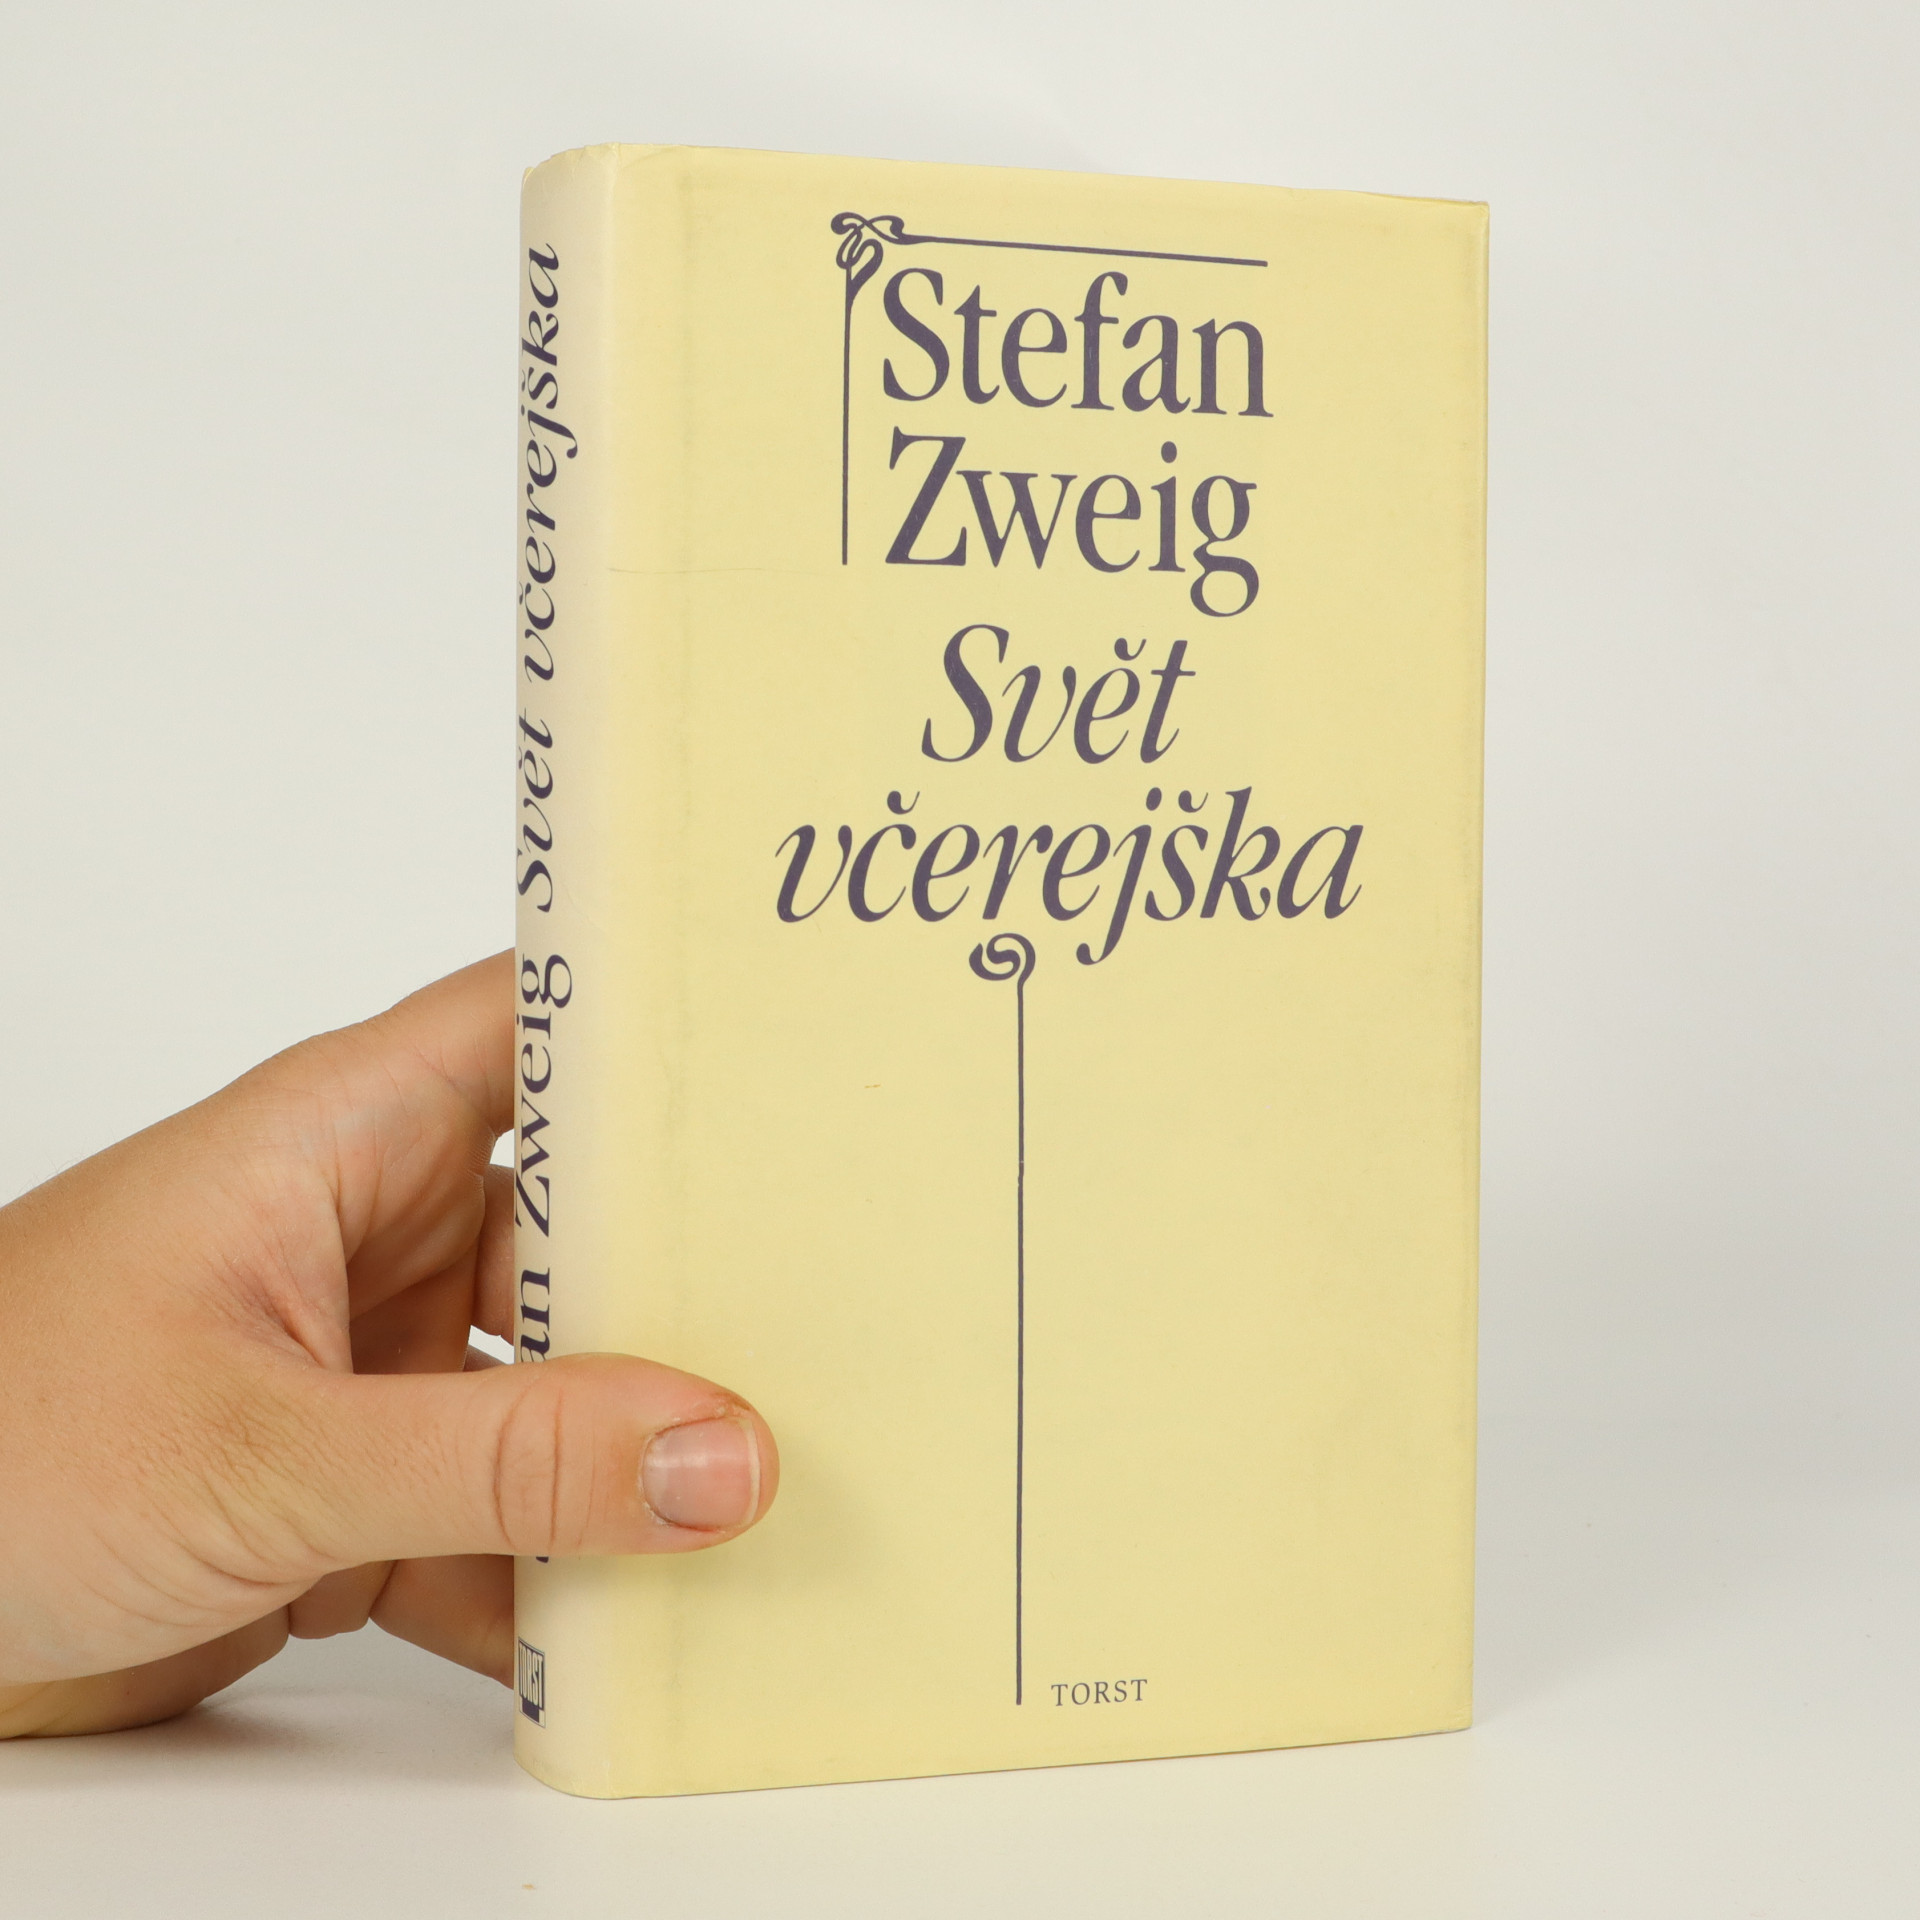 antikvární kniha Svět včerejška, 1994